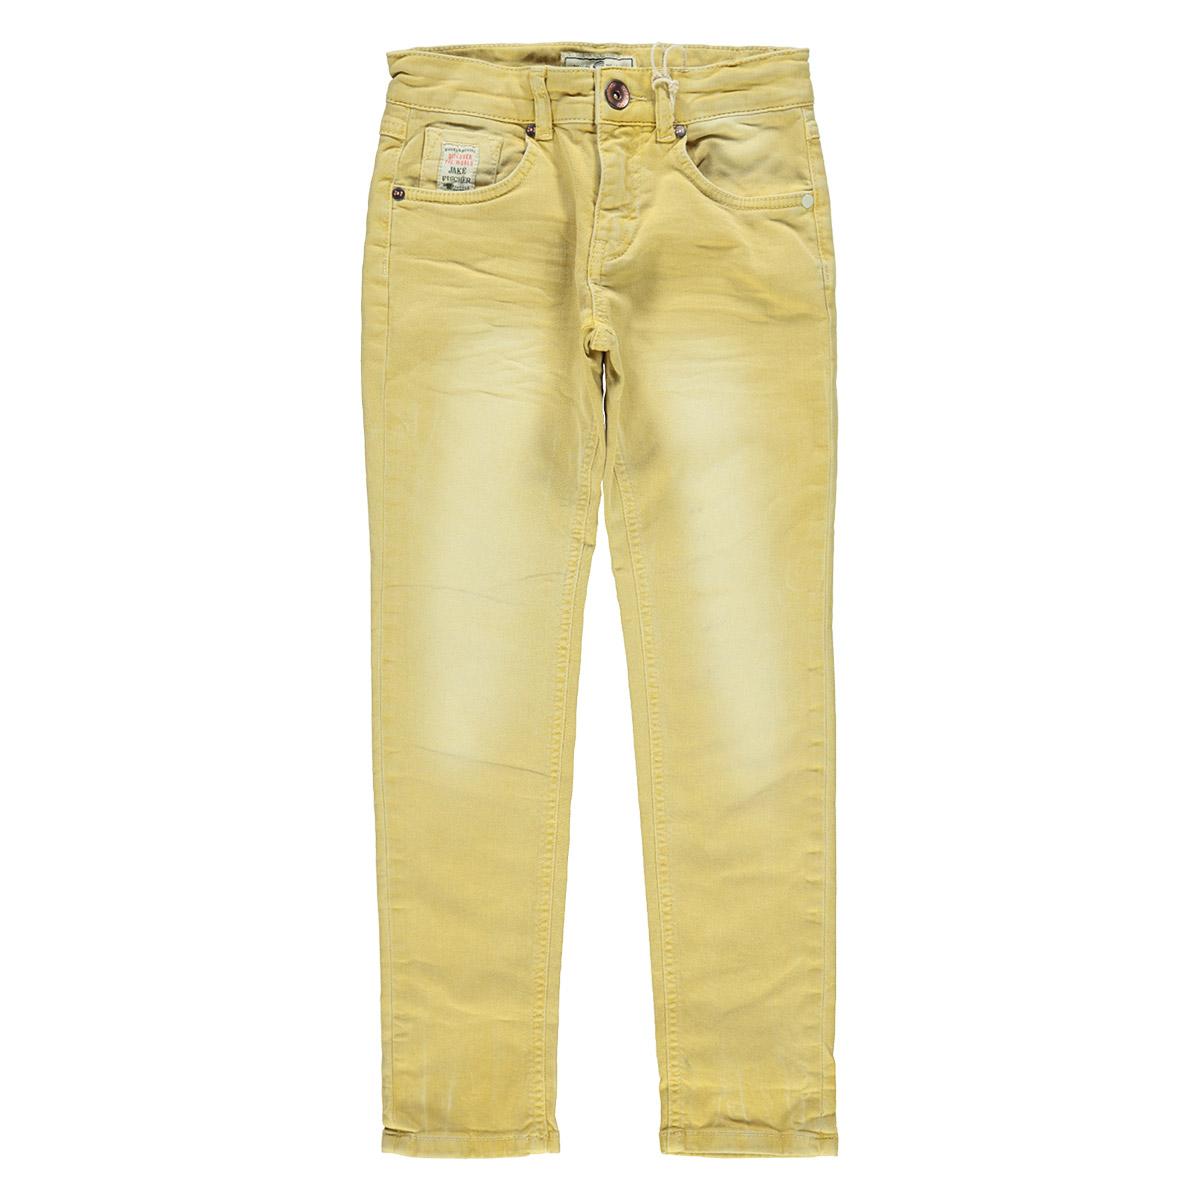 https://myshop.s3-external-3.amazonaws.com/shop3044400.pictures.jakefischer-junation-sunny-yellow.jpg